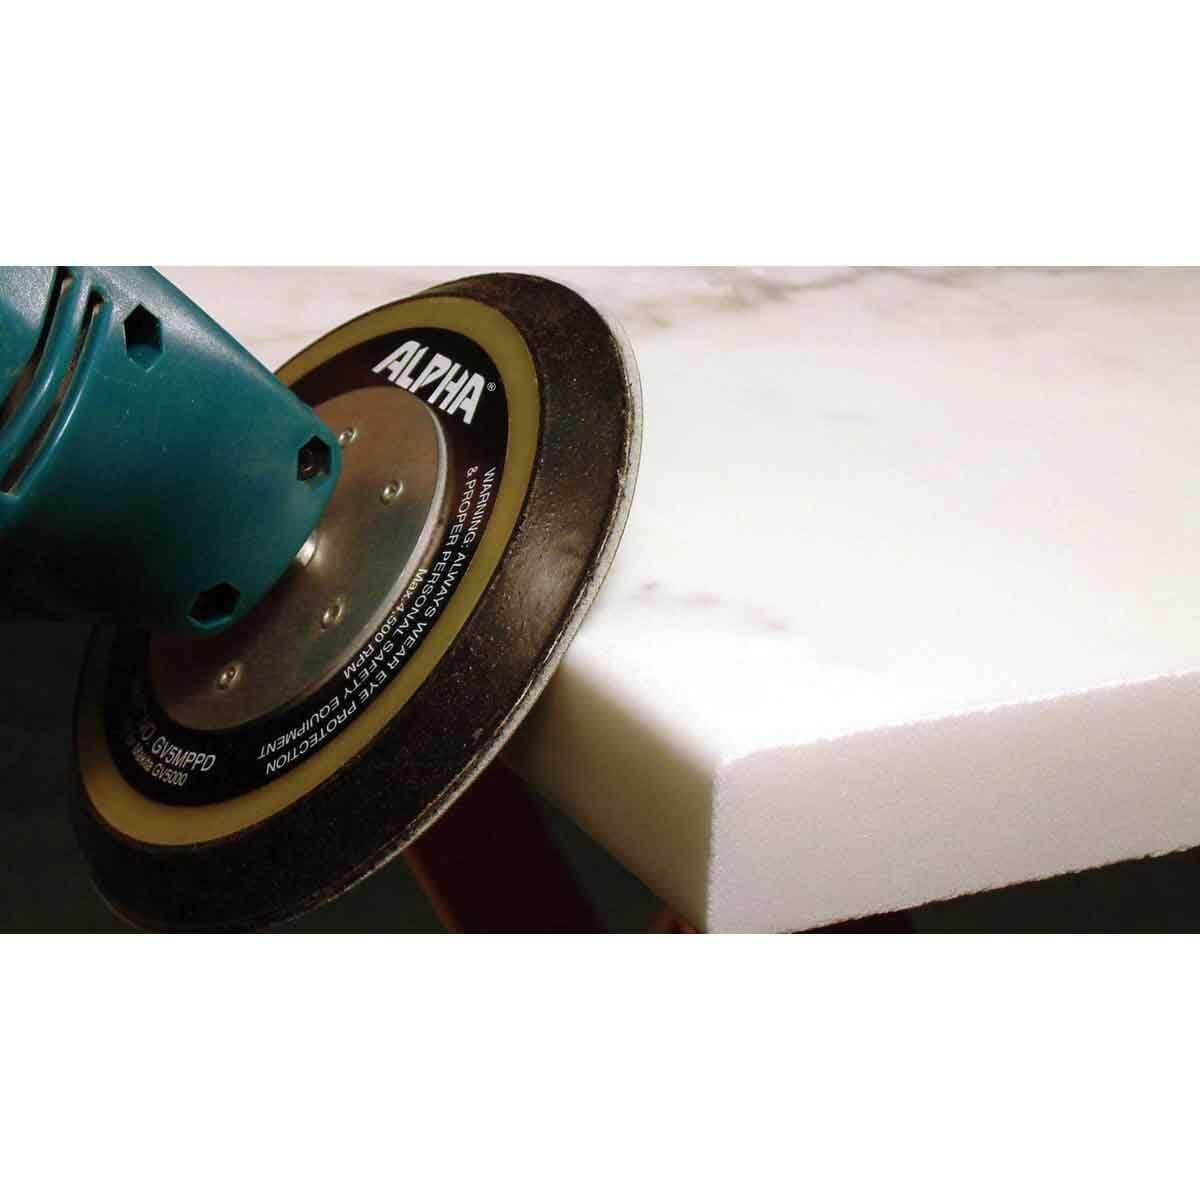 Makita disc sander marble edging